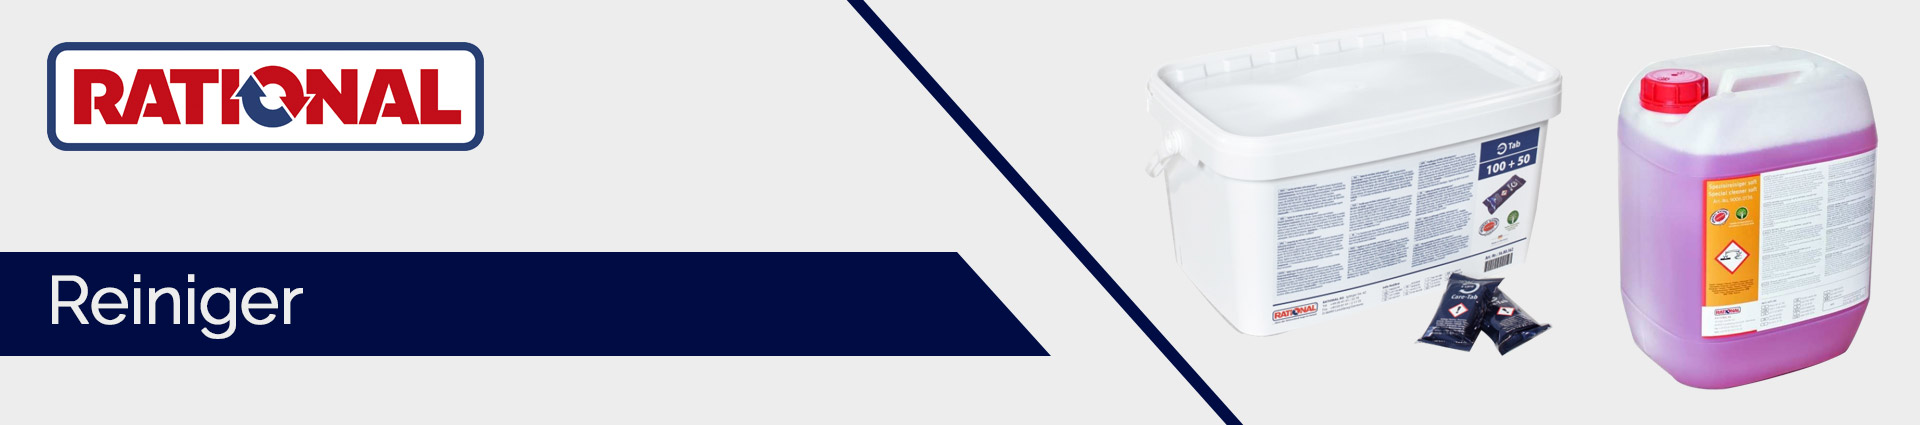 Rational Konvektomaten und Kombidämpfer Banner